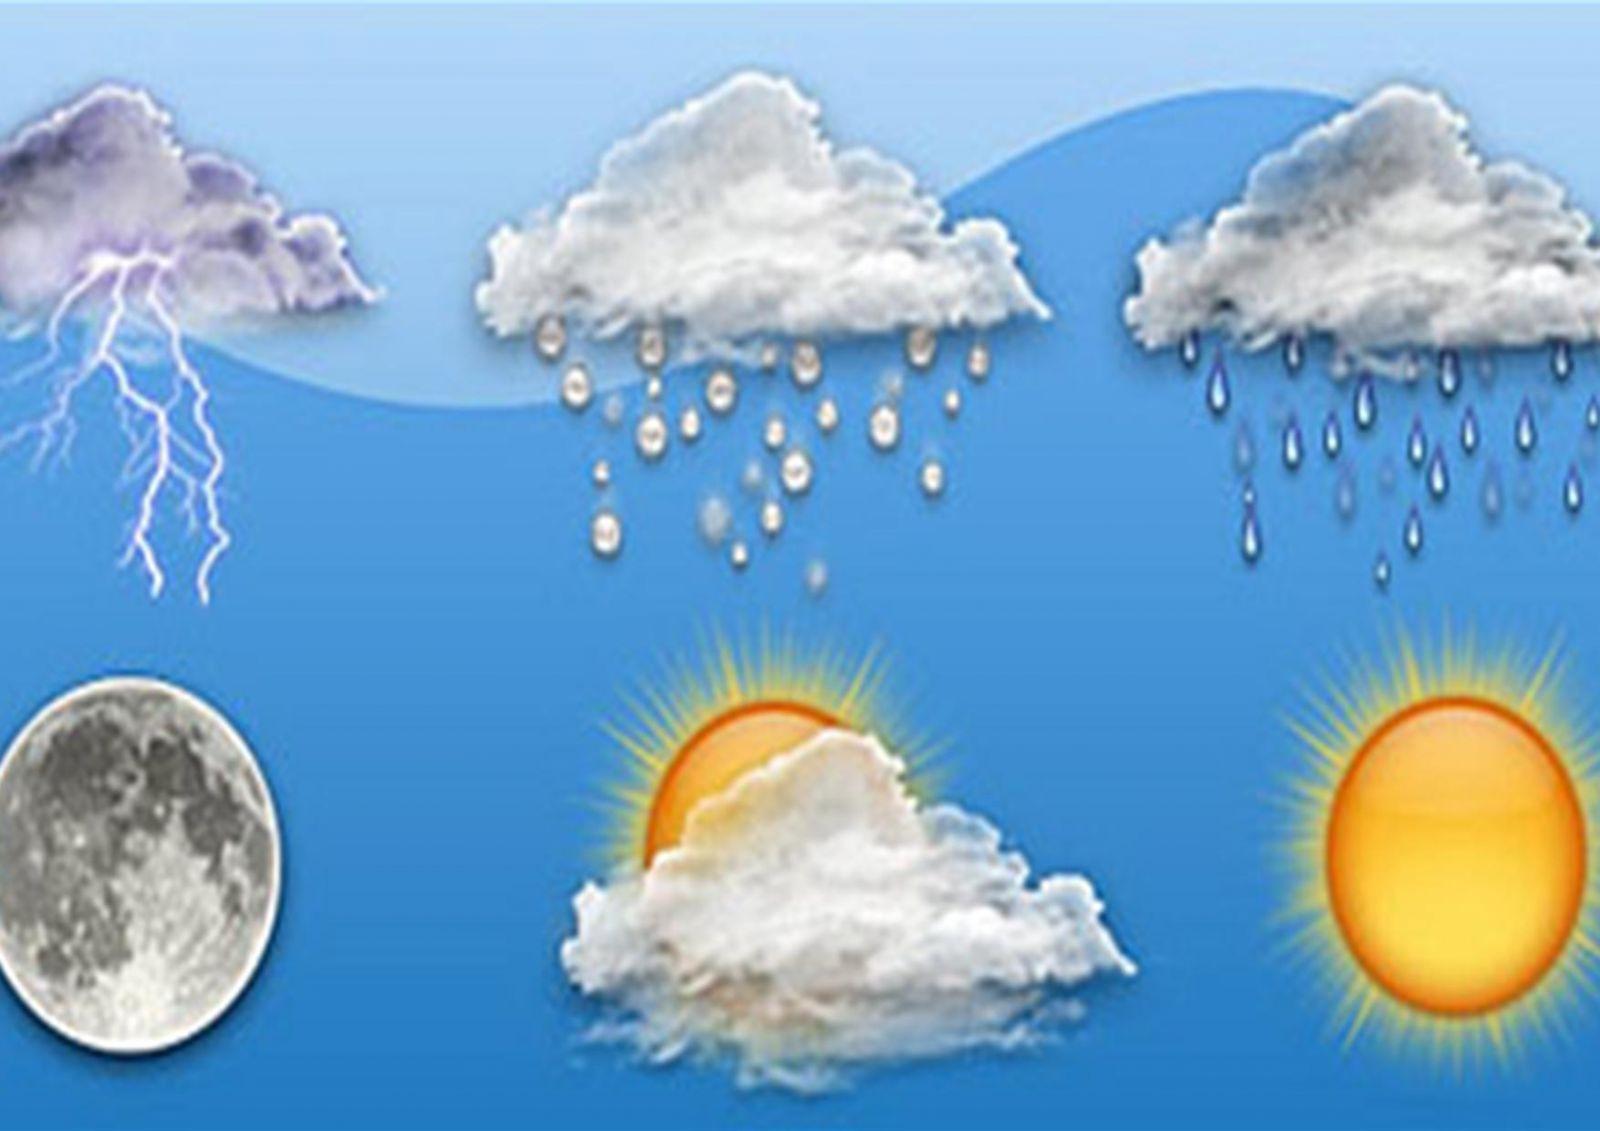 غدا.. طقس معتدل شمالا شديد الحرارة بباقي الأنحاء